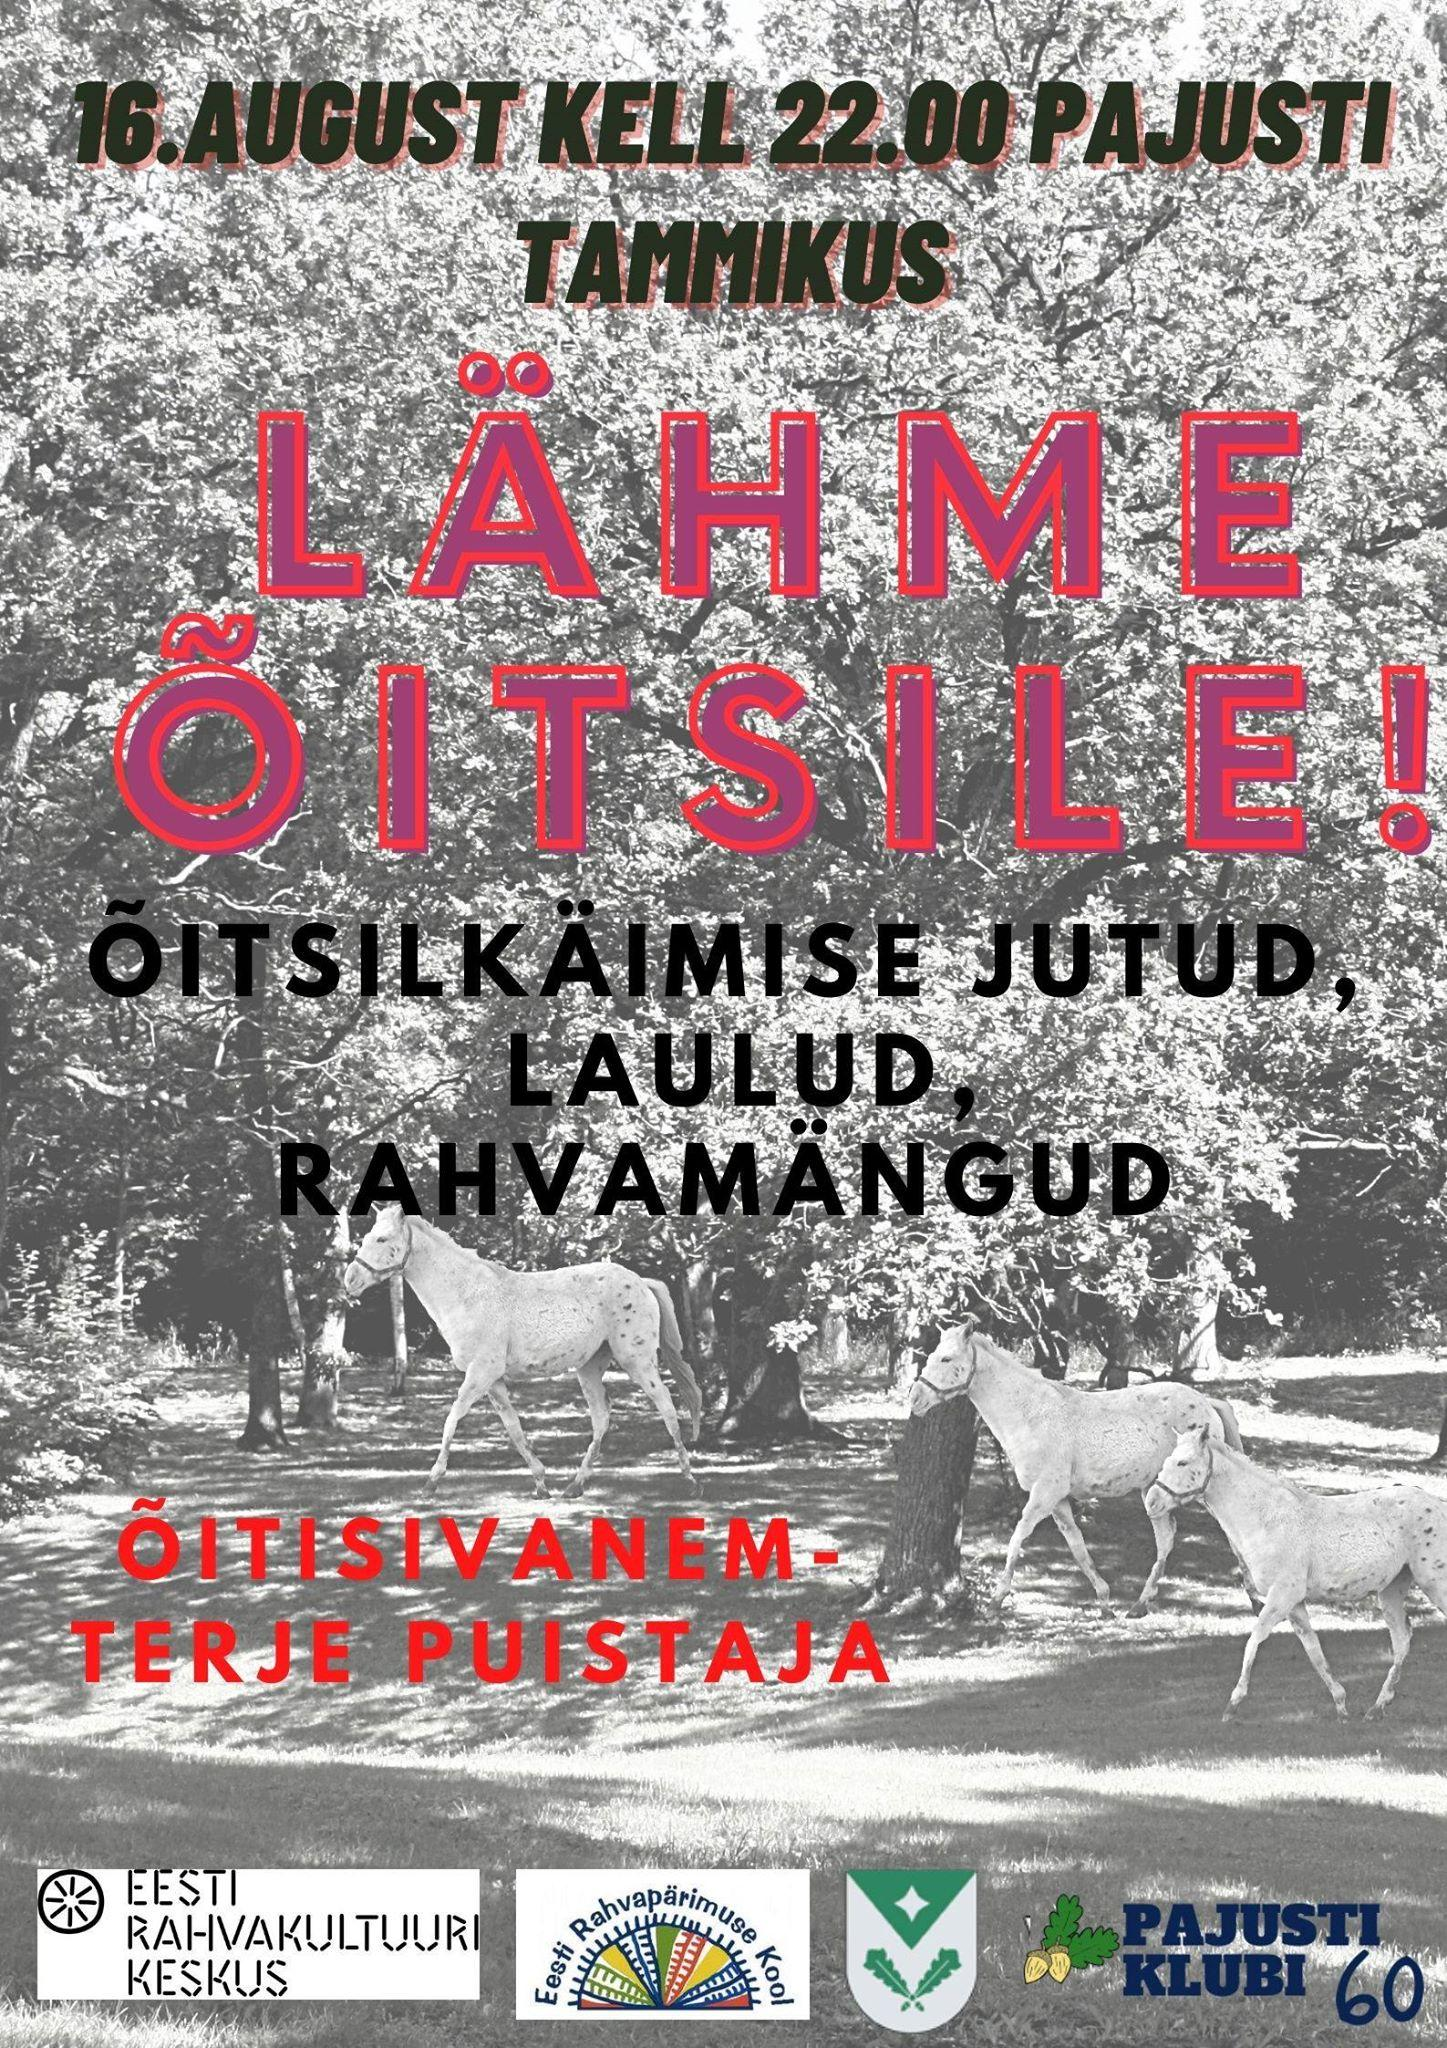 ÕITSILE KUTSE. Kõik fotod ja õitsile kutse - Urmas Lindlo.